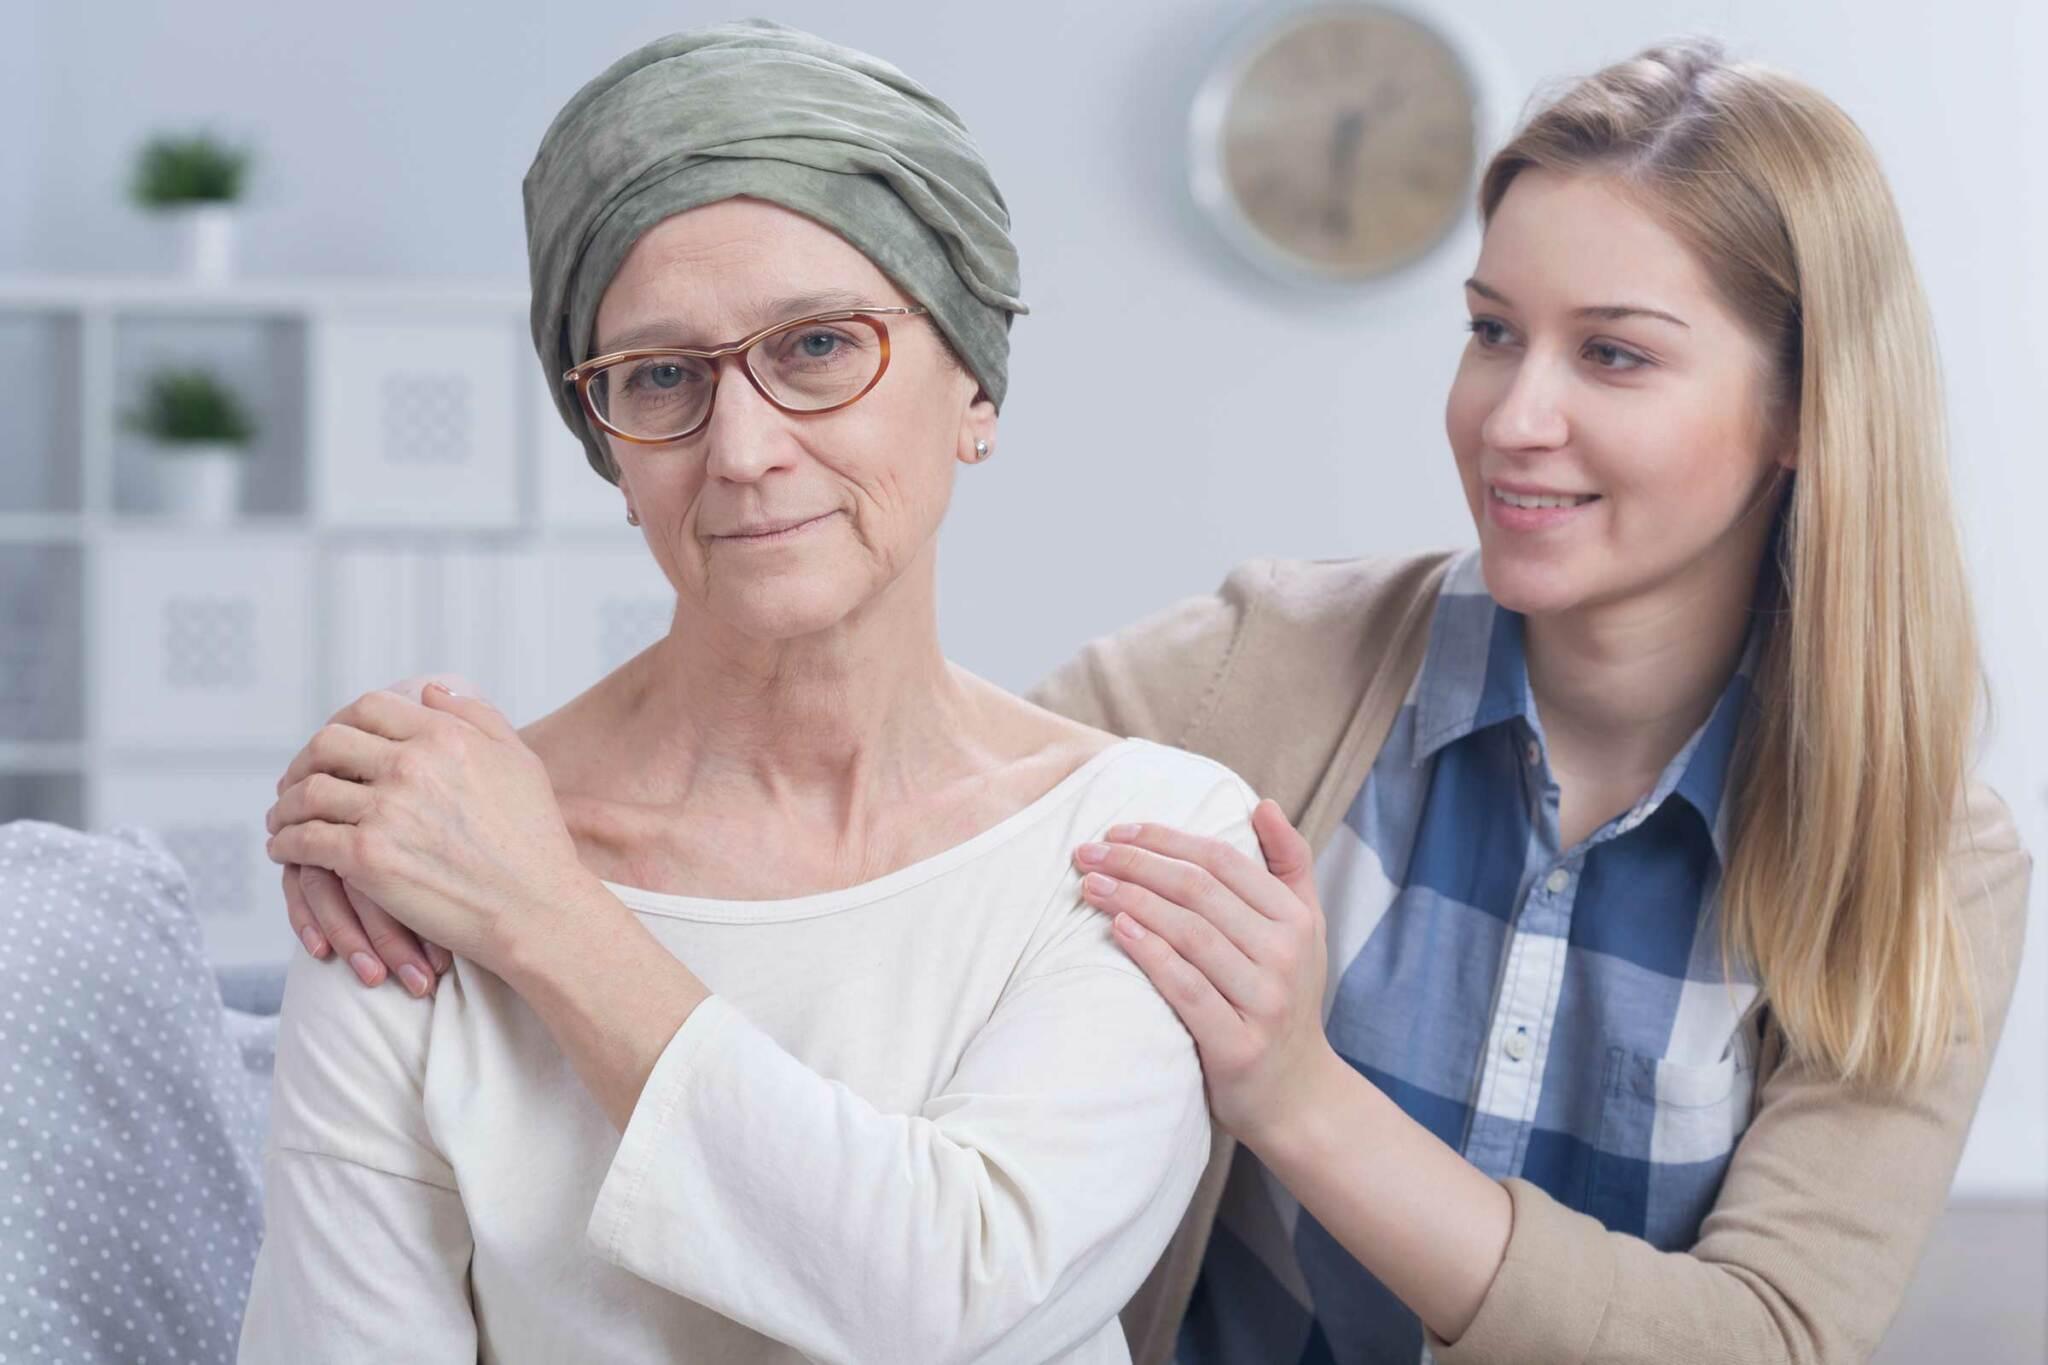 Xạ trị kết hợp phẫu thuật triệt căn có thể chữa khỏi ung thư dạ dày giai đoạn sớm